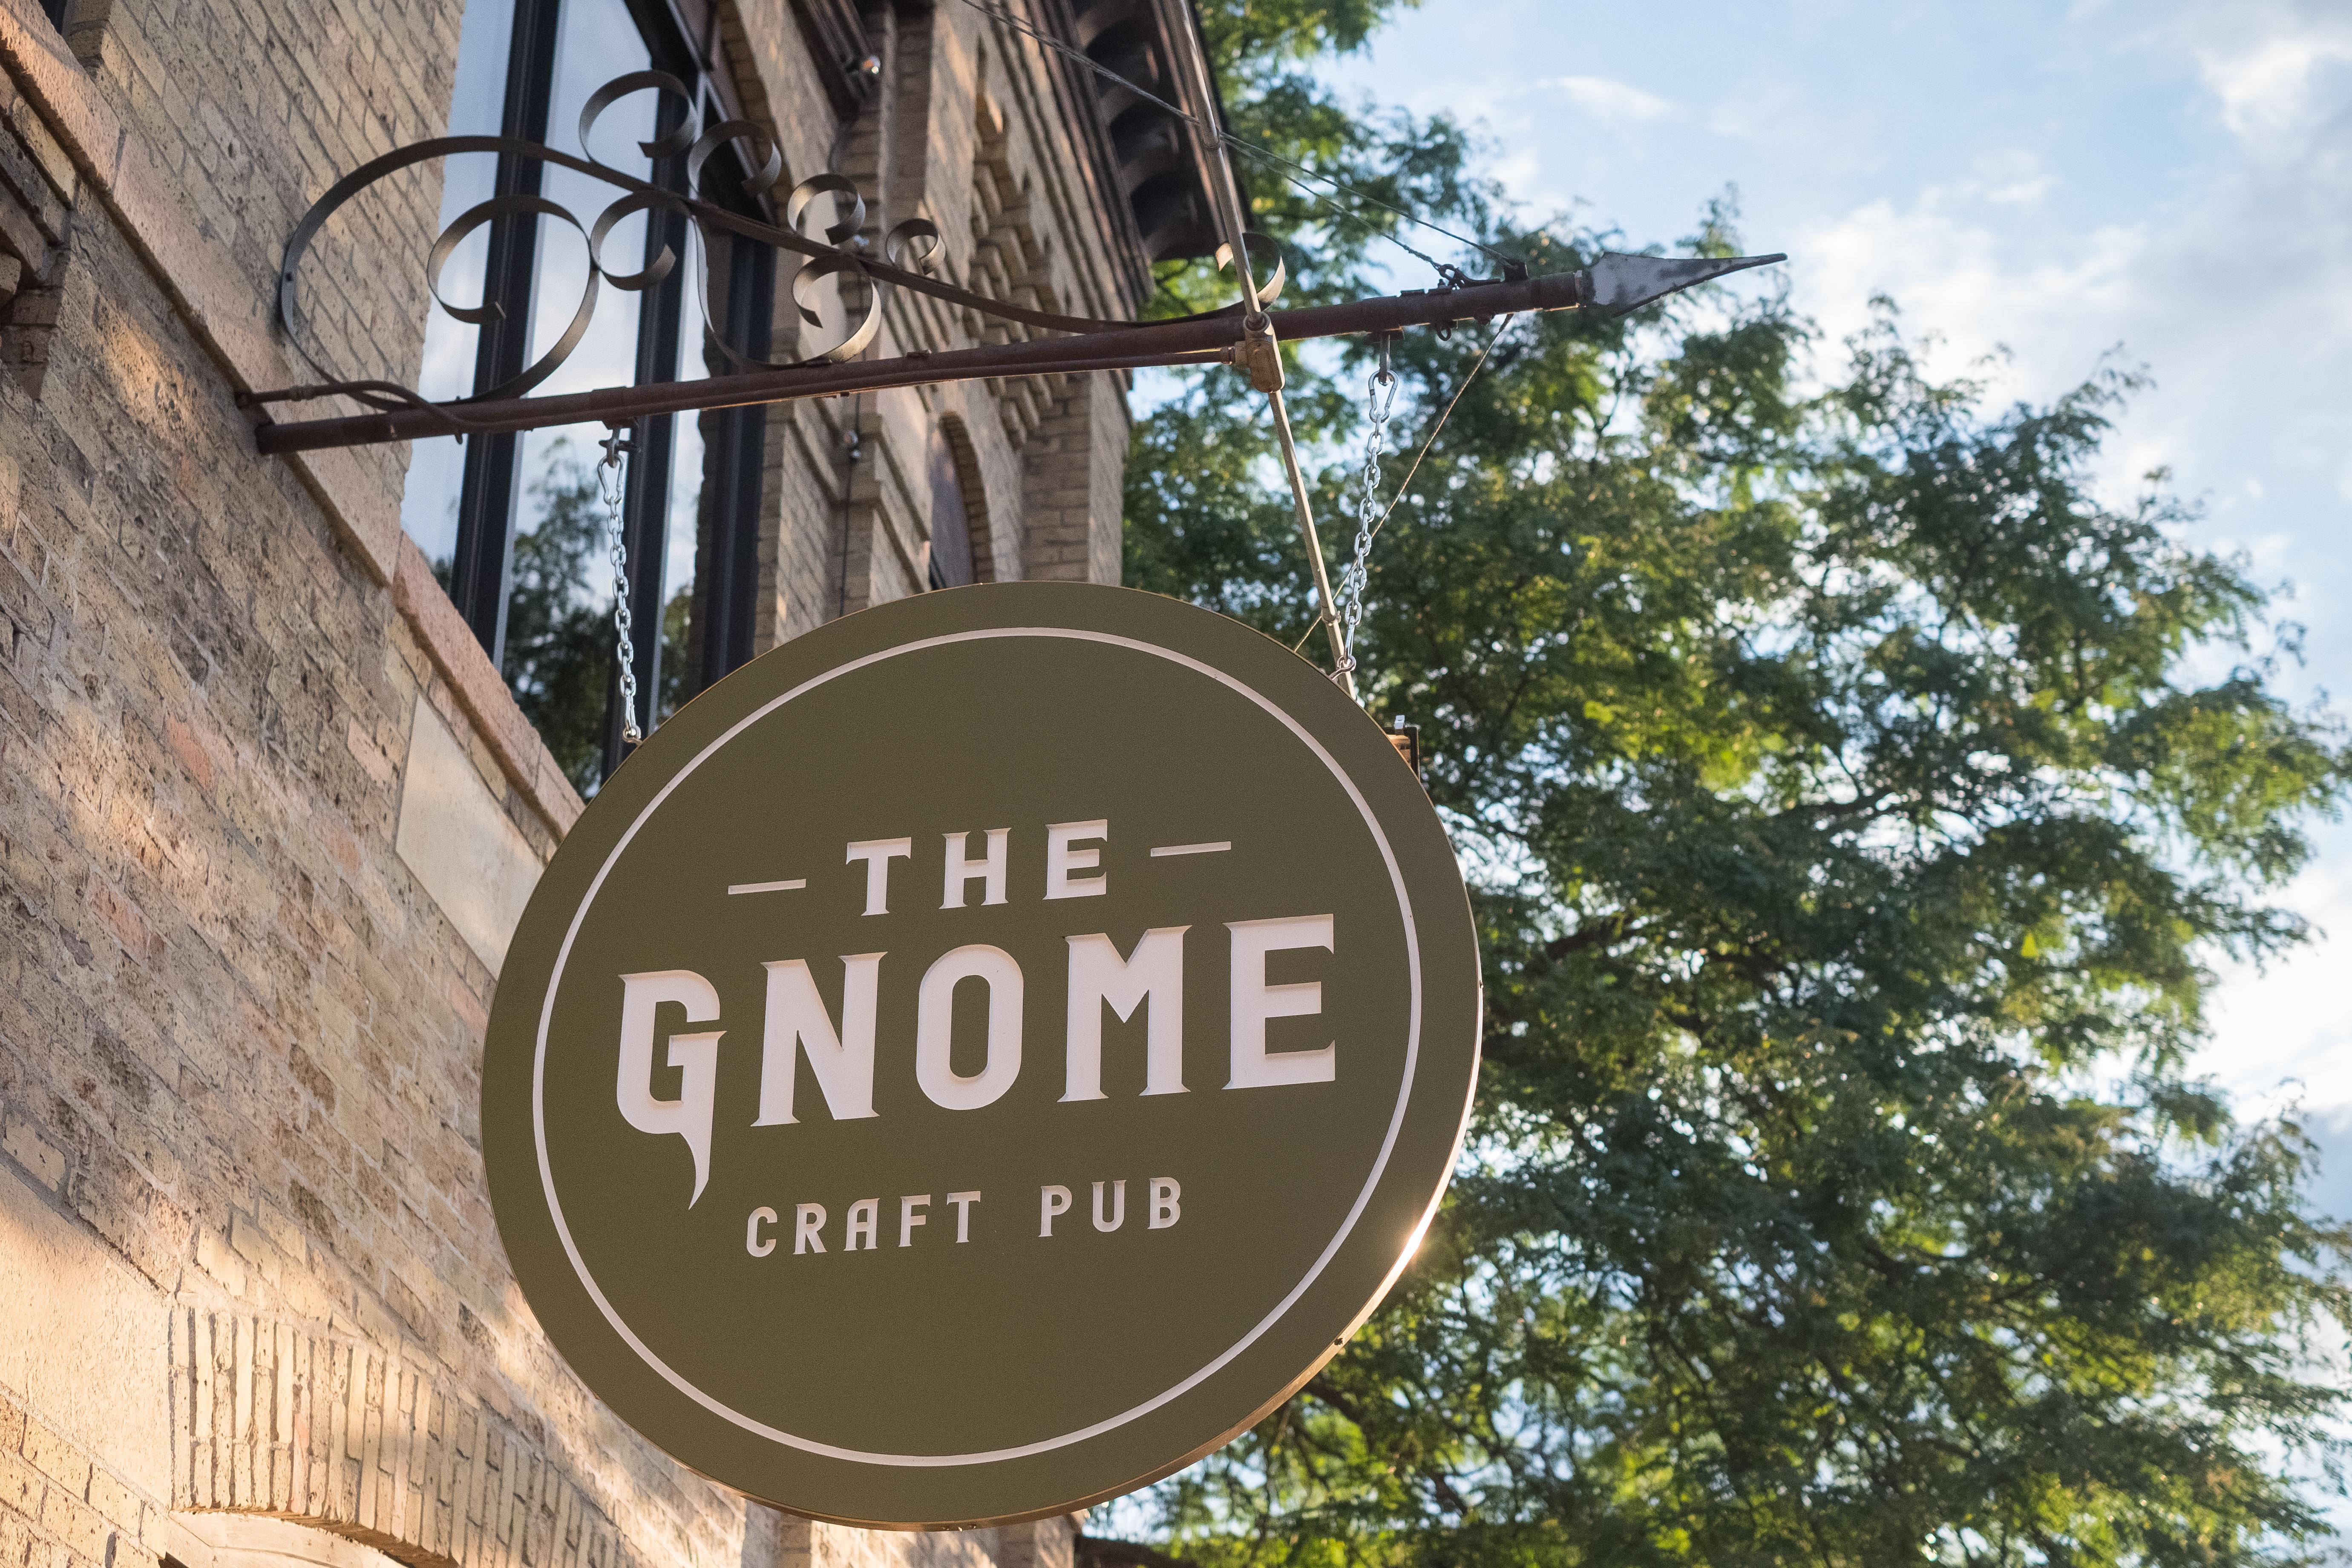 The Gnome Pub sign